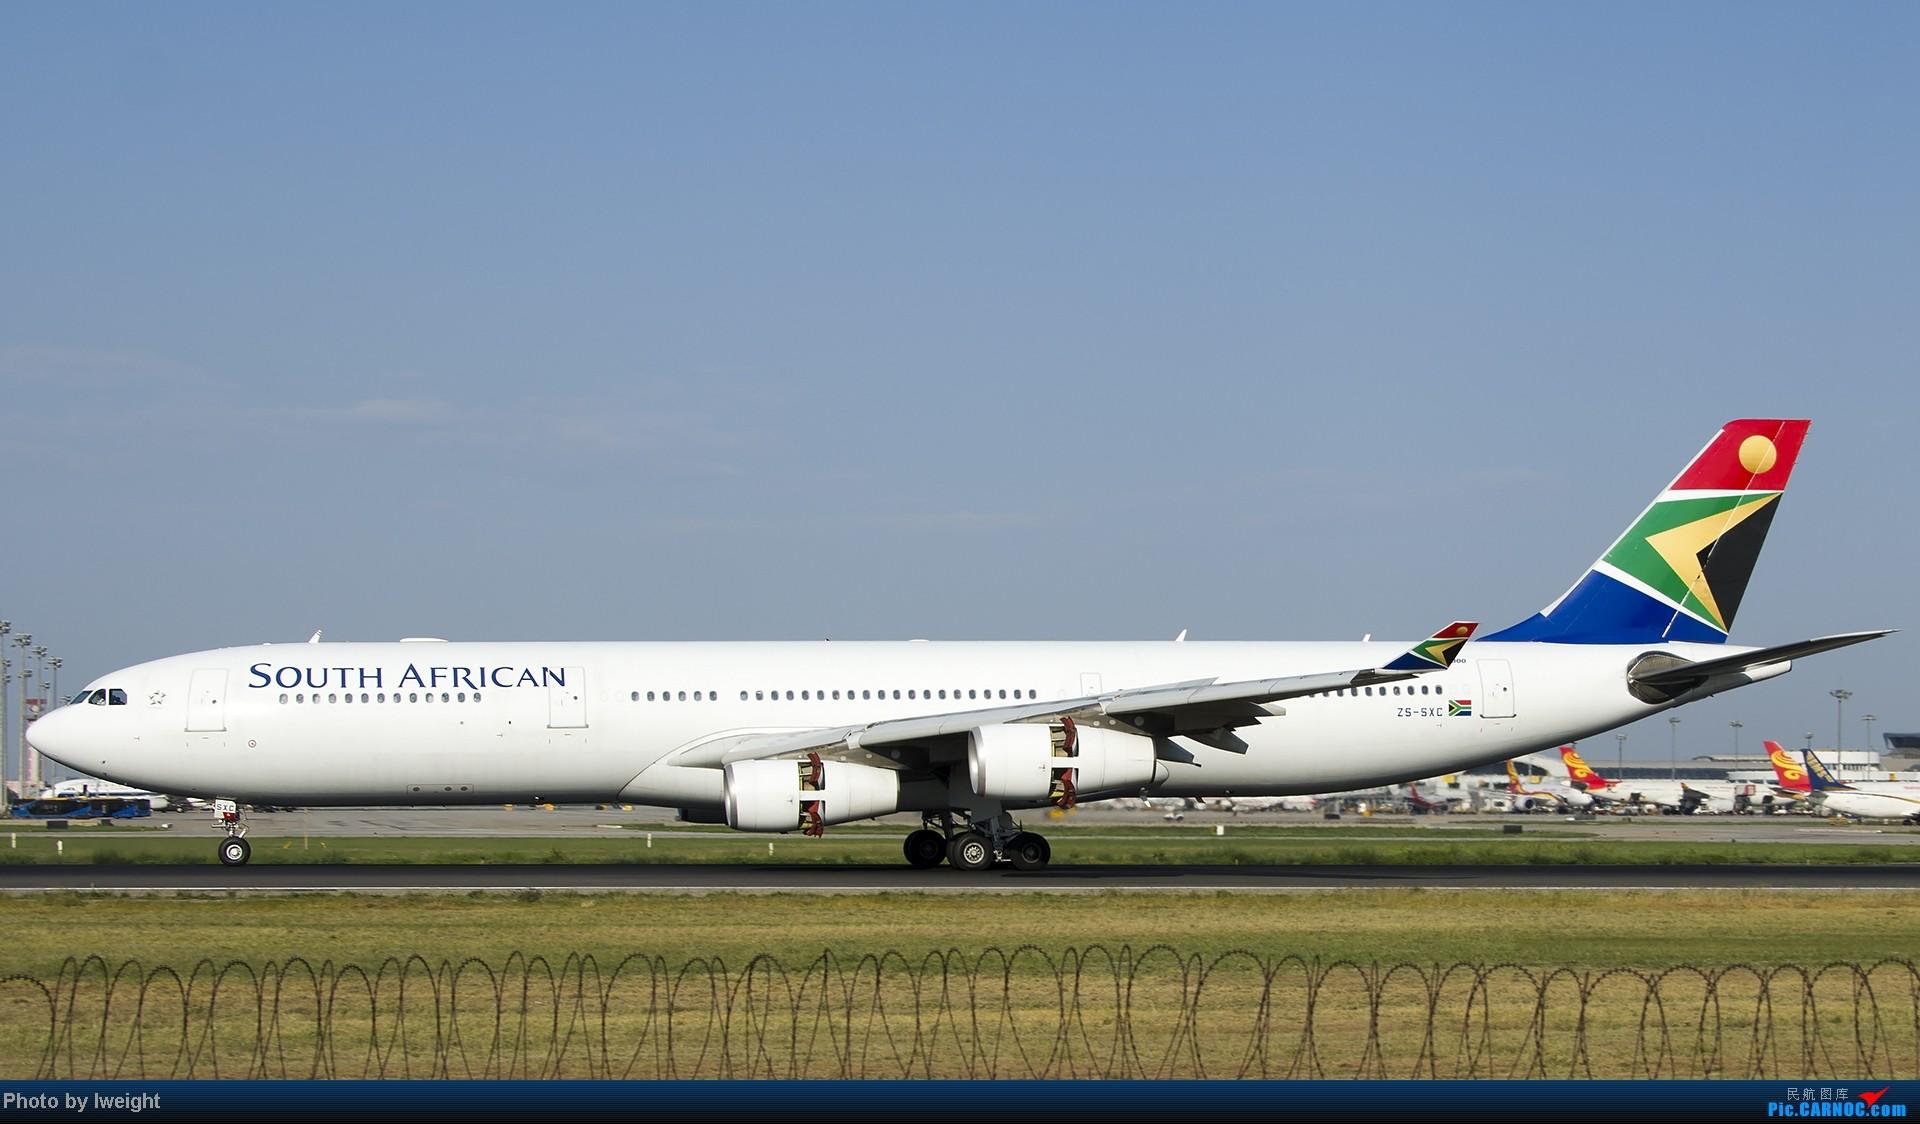 Re:[原创]酷暑周末拍遍PEK三条跑道,收获众多常见机型 AIRBUS A340-300 ZS-SXC 中国北京首都机场